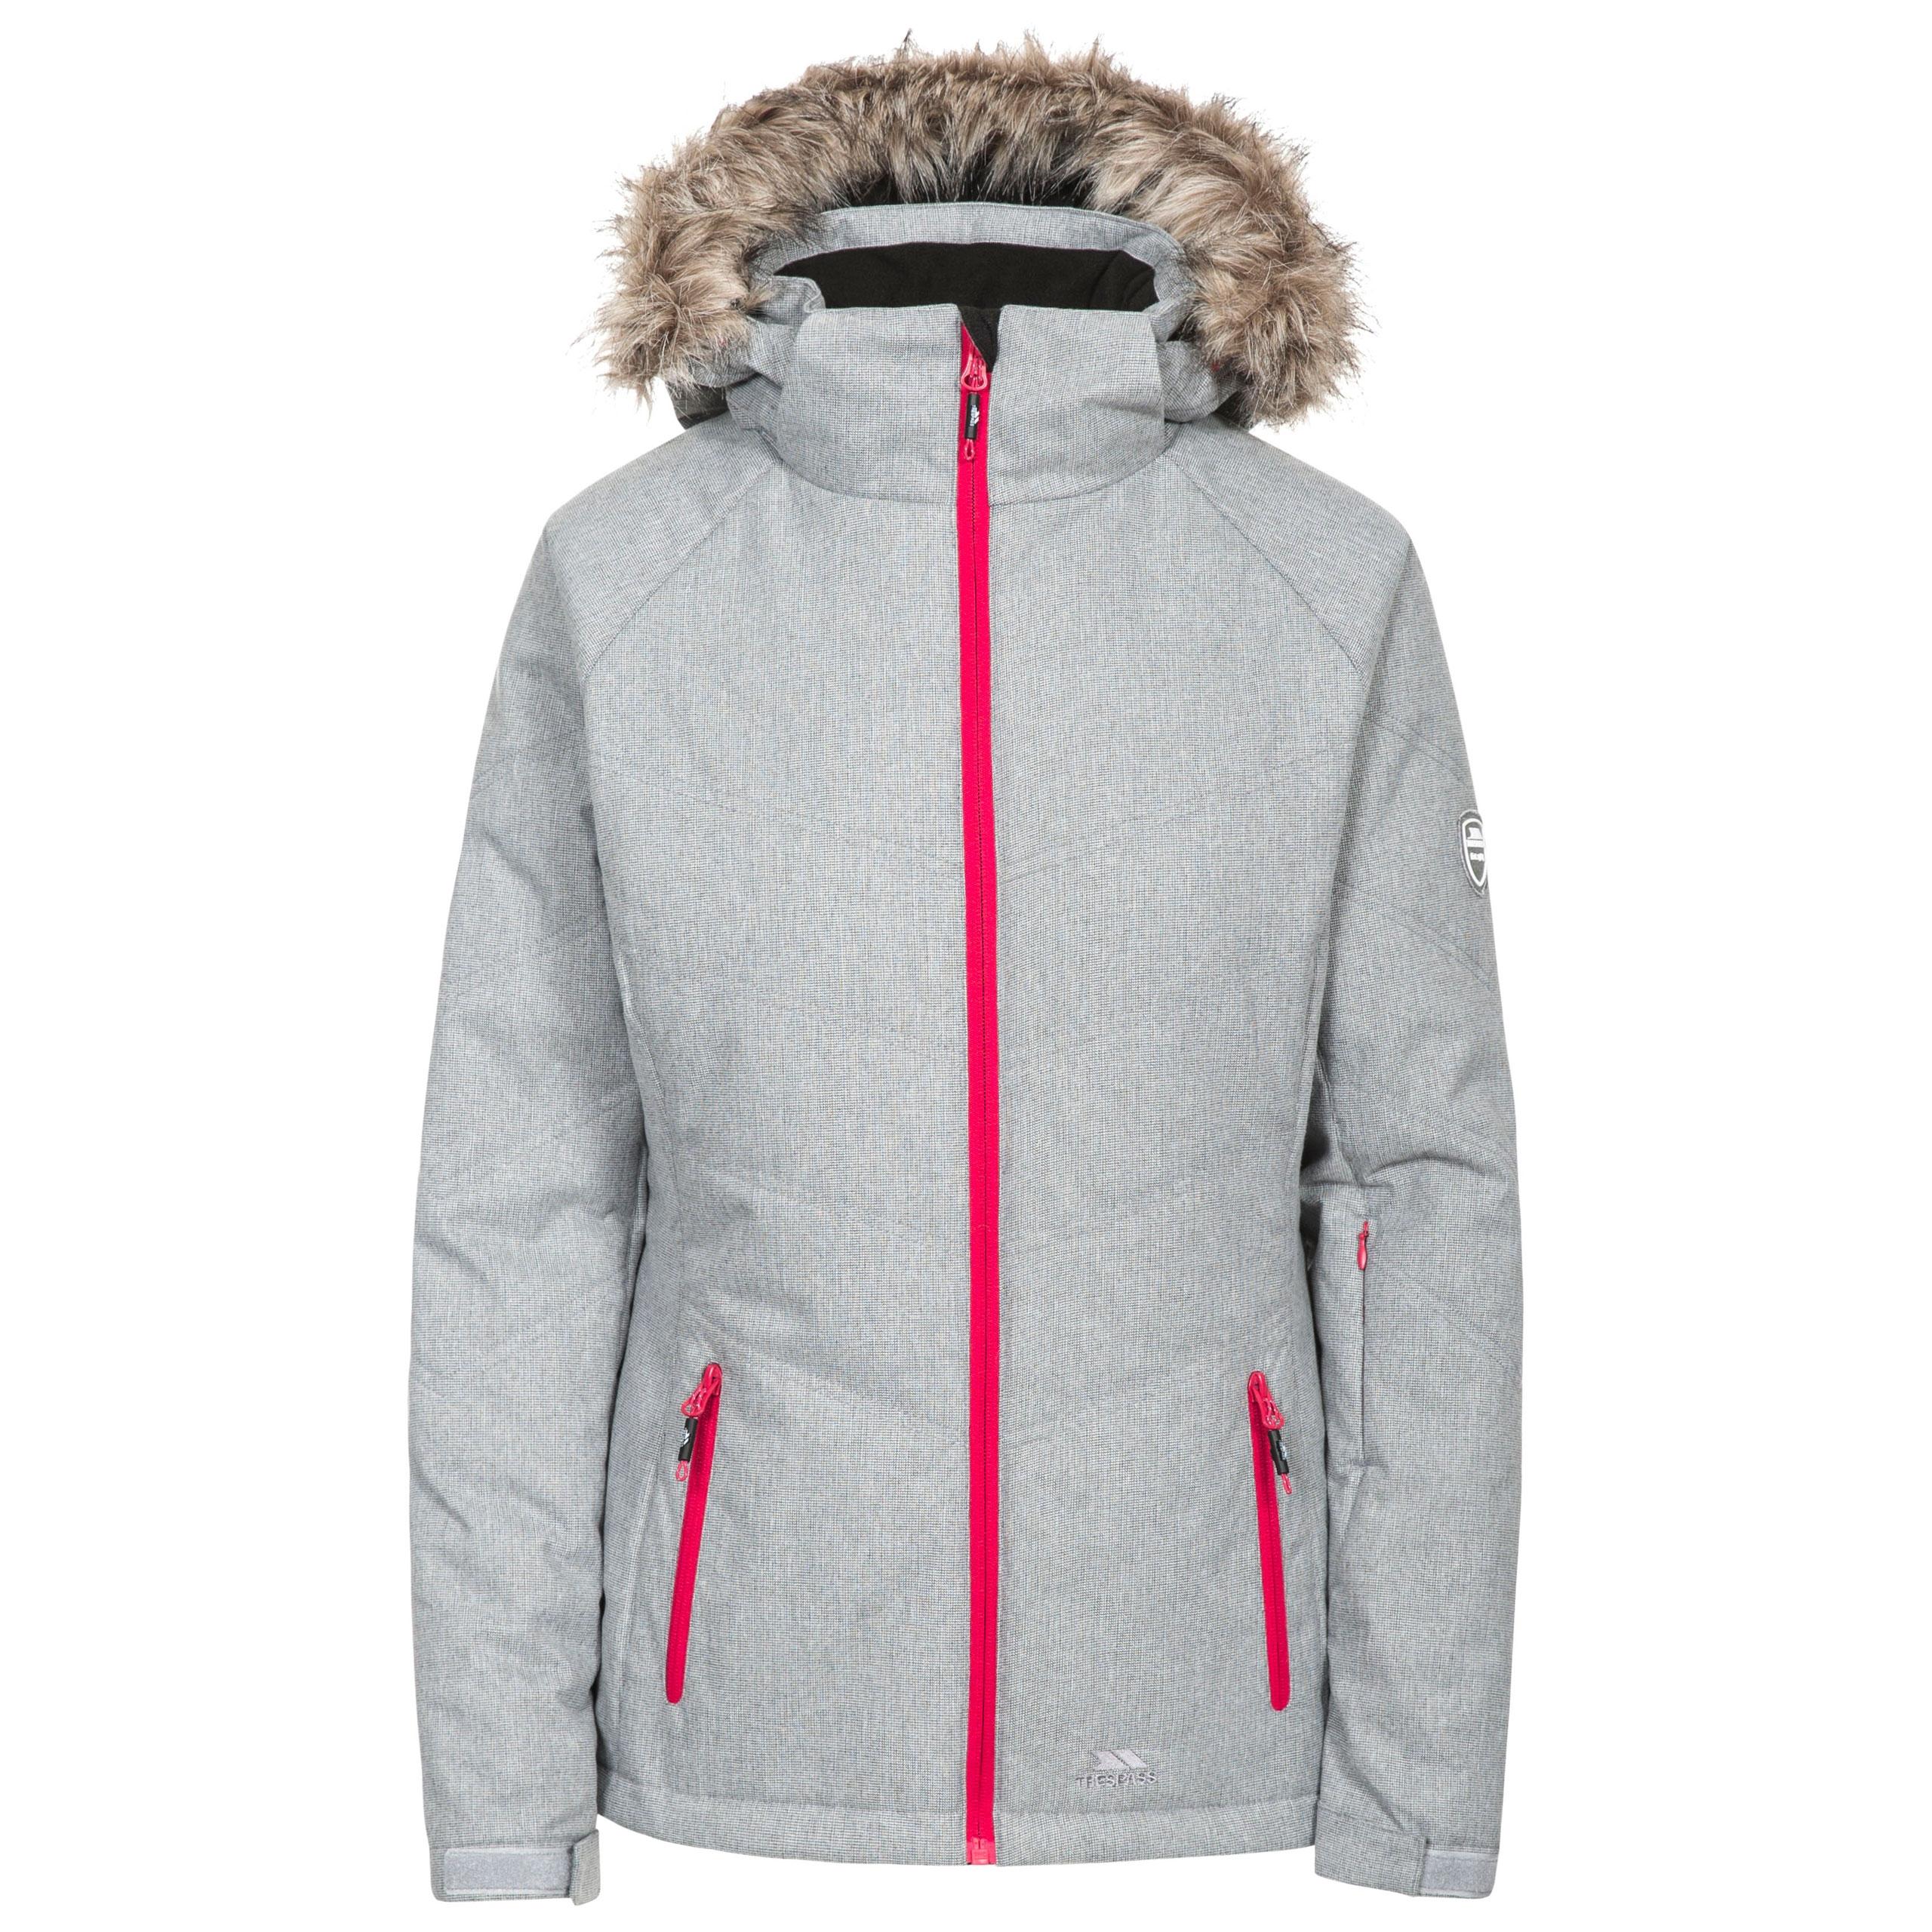 82e5b084b Trespass Always Womens White Ski Jacket Waterproof   Padded with ...